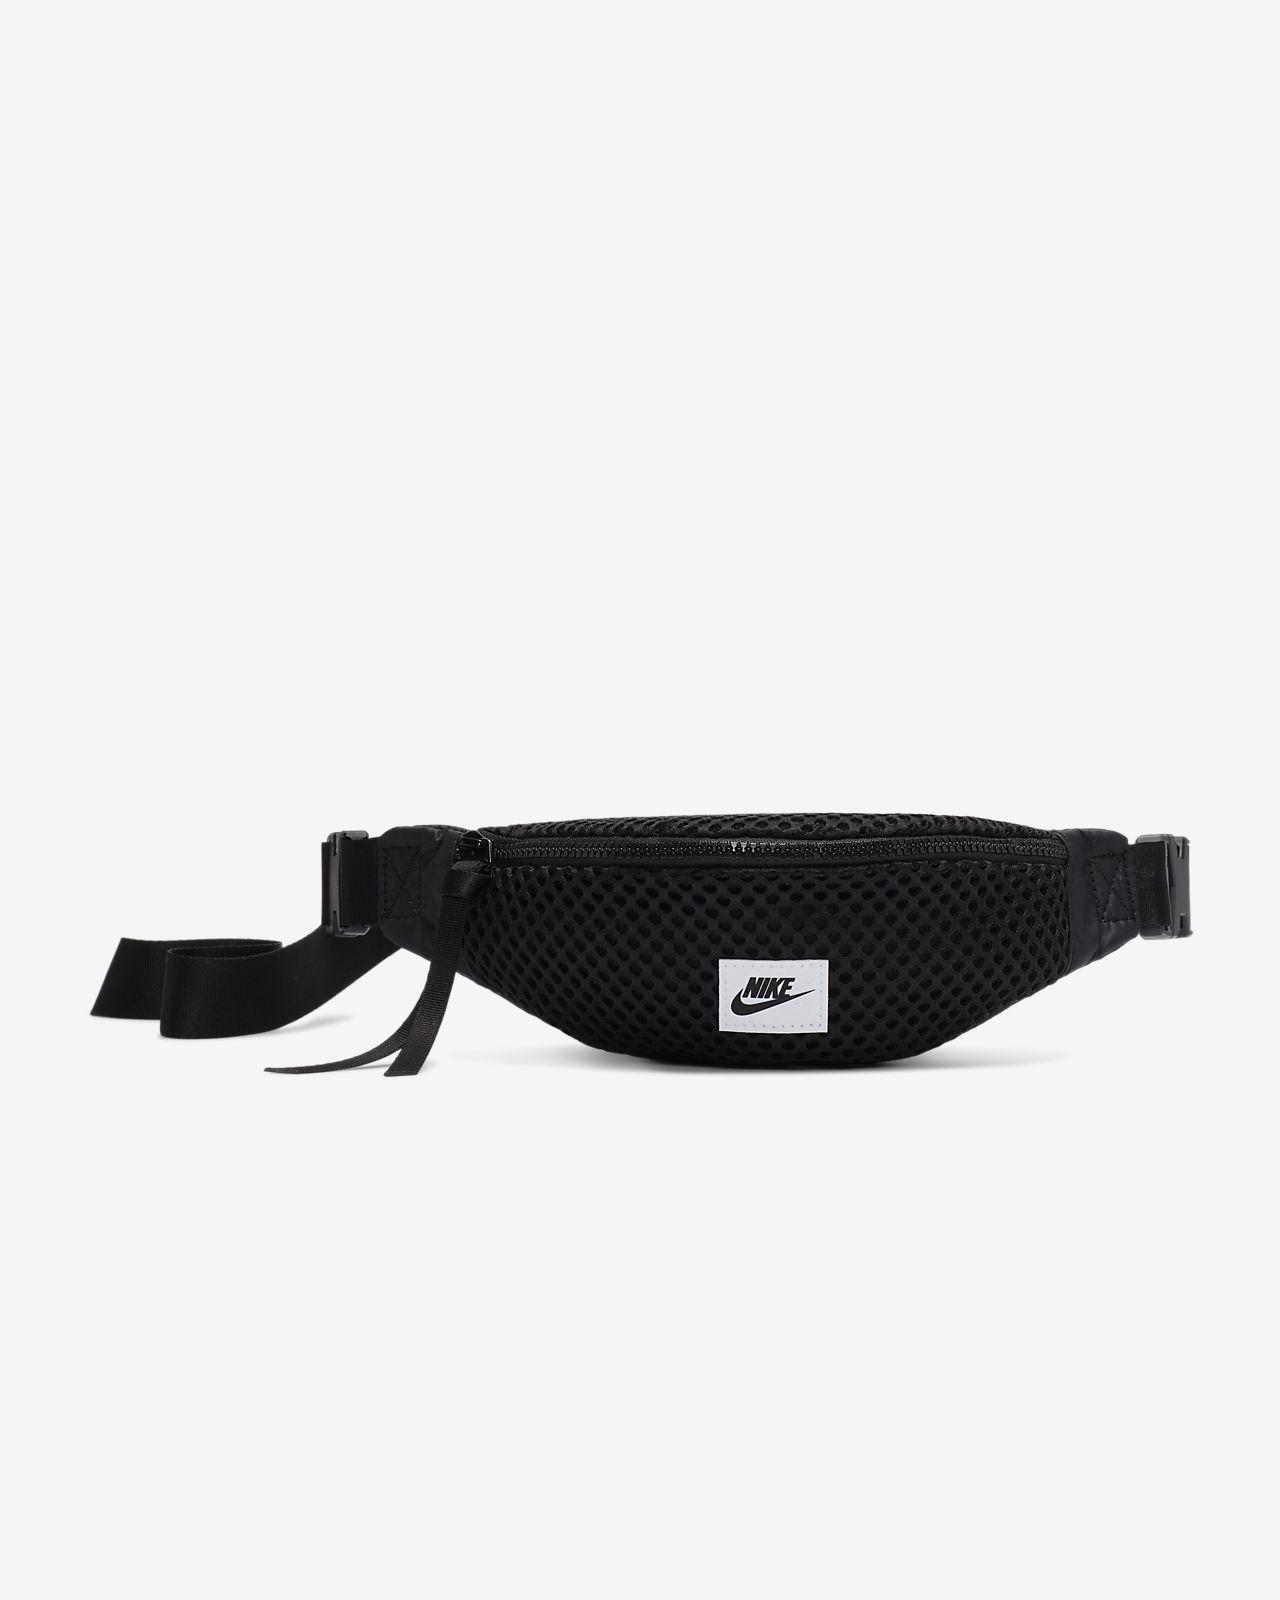 Nike Air Riñonera (Para objetos pequeños)